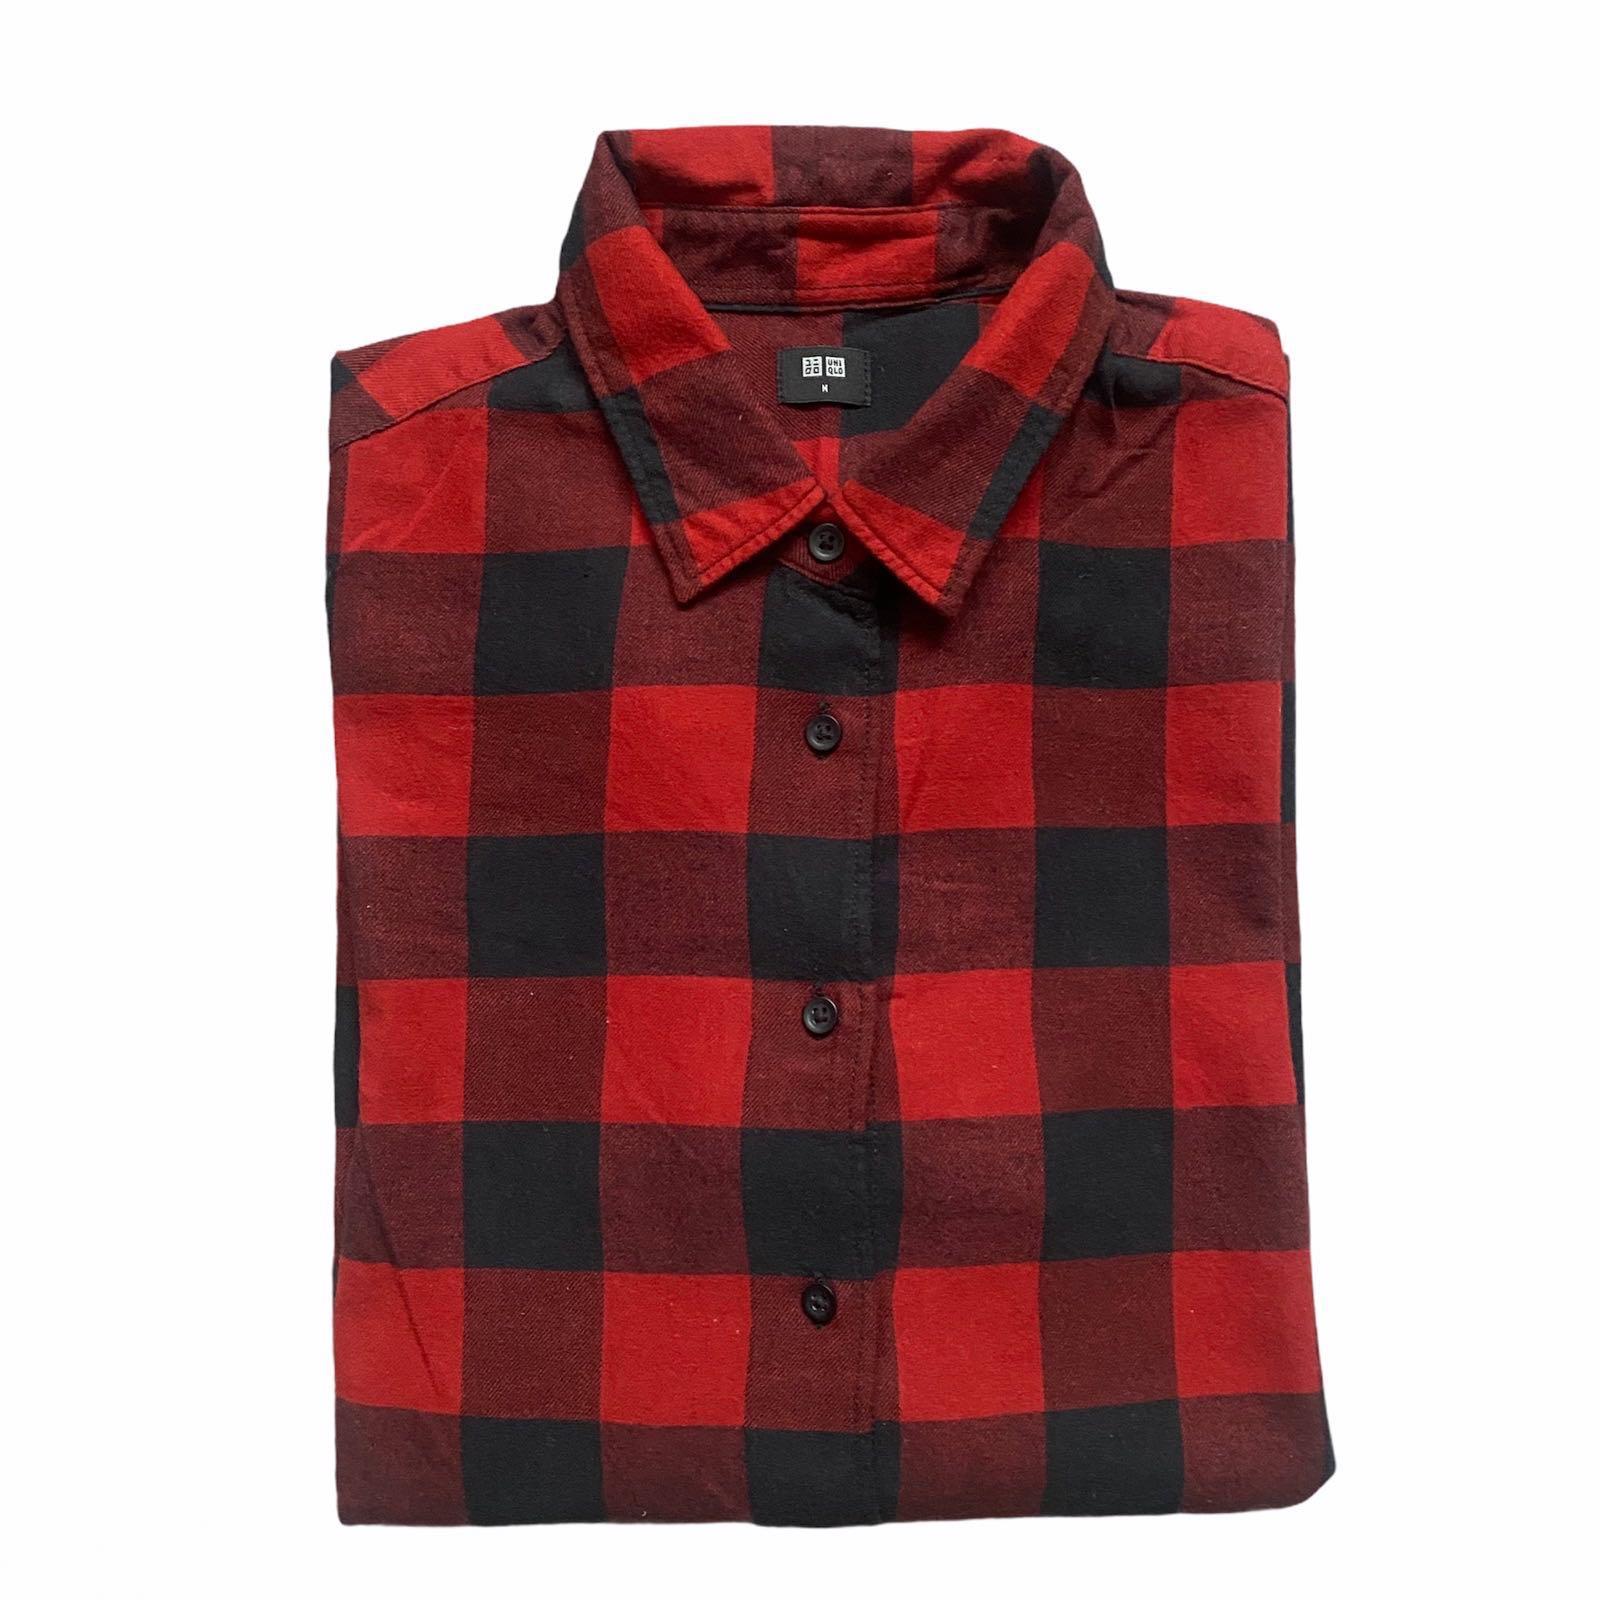 Uniqlo Red Checkered Flannel / Plaid